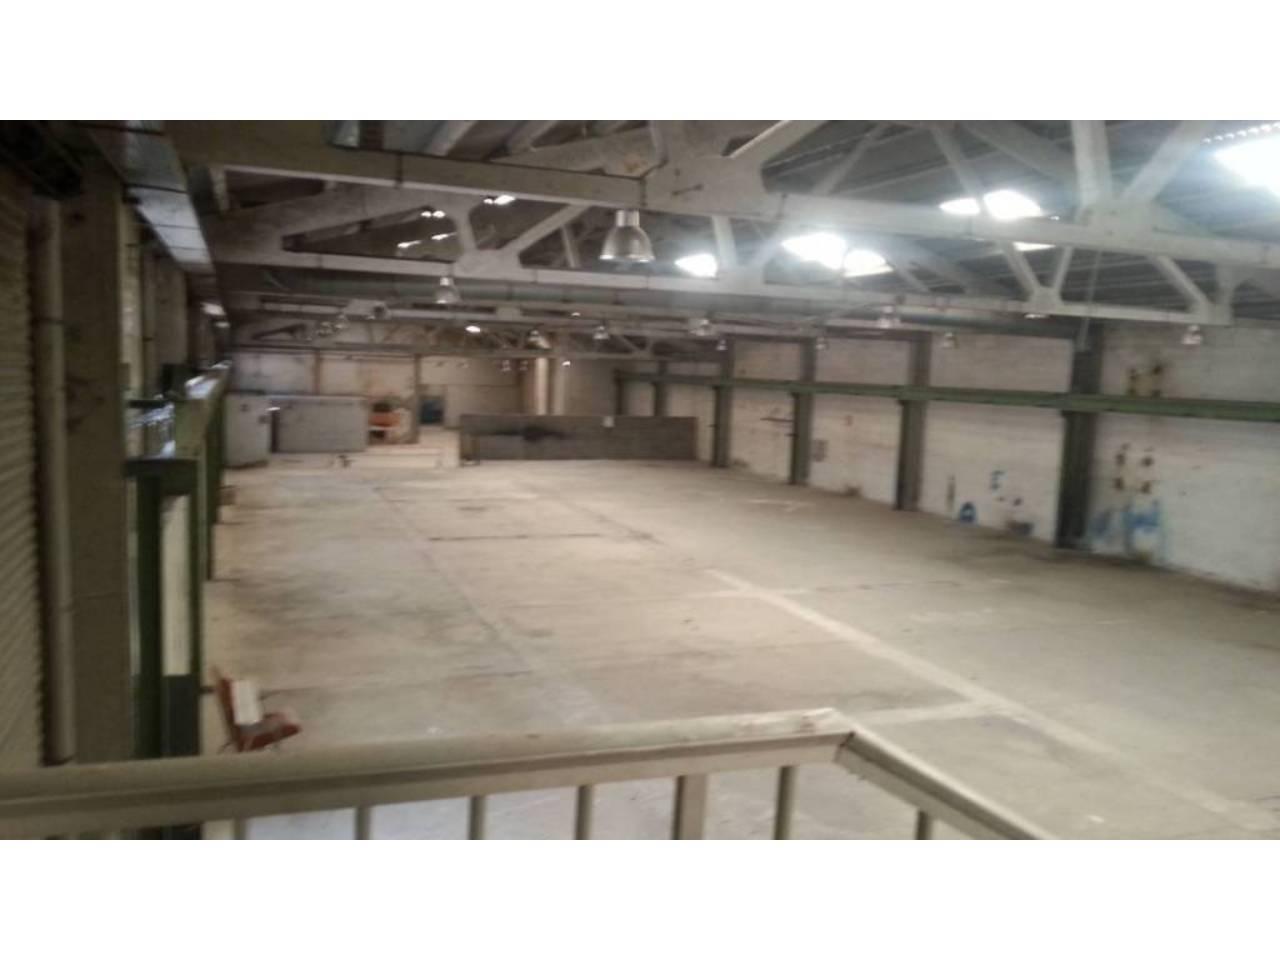 Lloguer Nau industrial  Poligono industrial. Superf. 1625 m², 1470 m² solar,  4 aseos, salida de humos, alcan